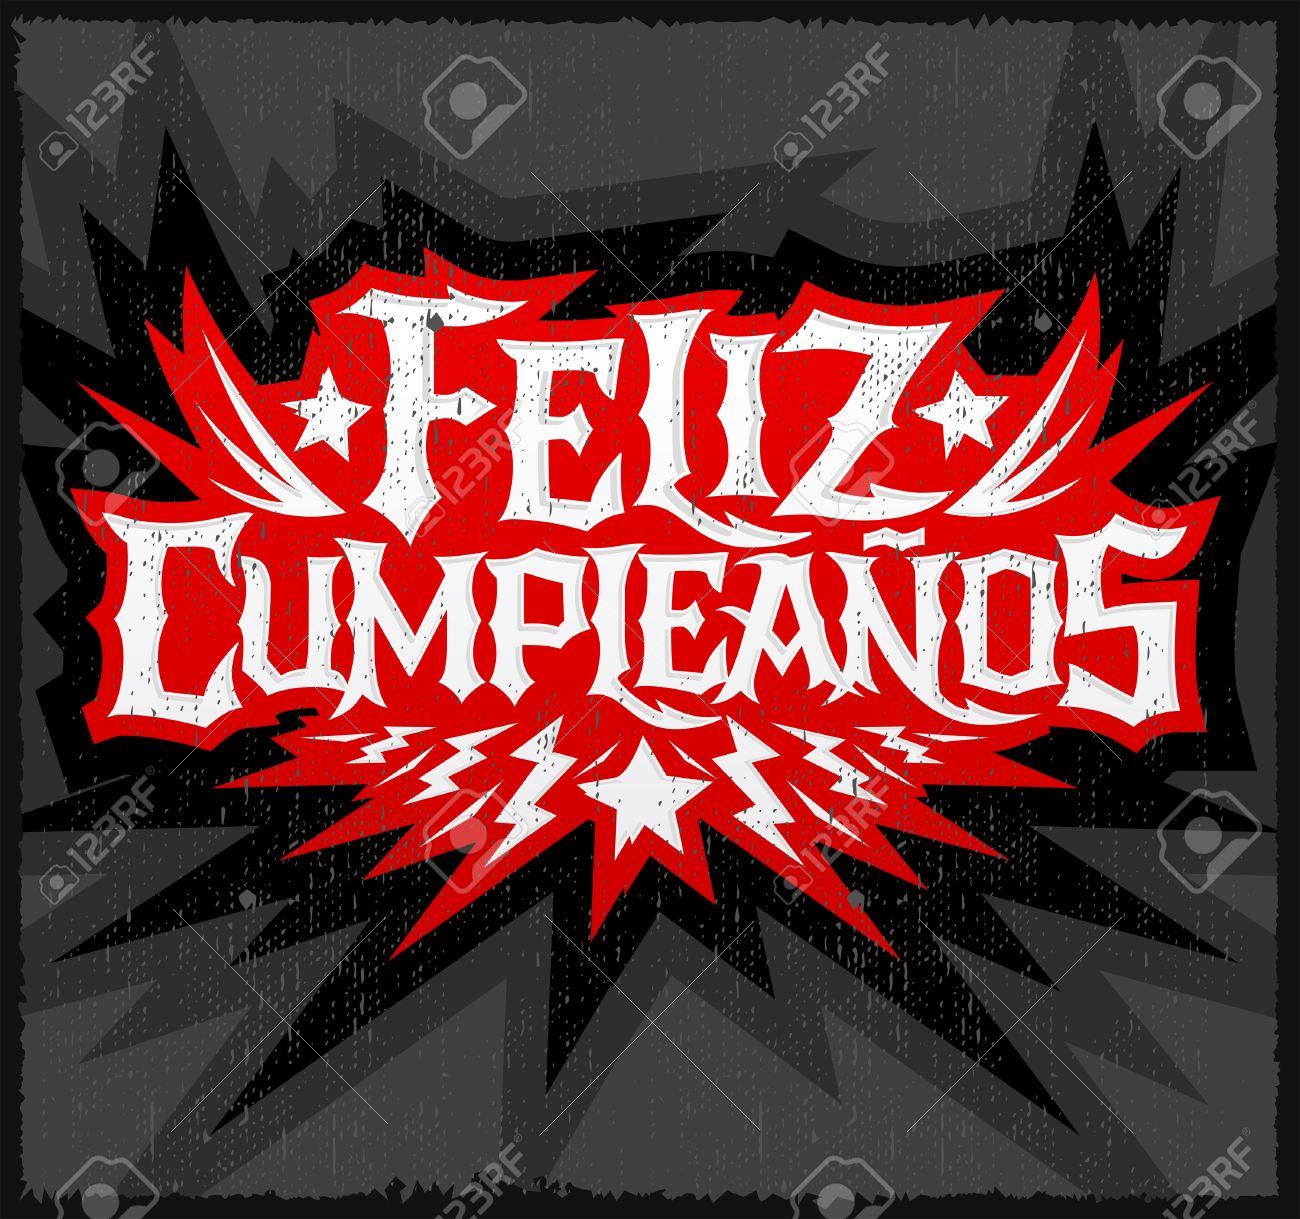 Feliz Cumpleanos Joyeux Anniversaire Espagnol Texte Vecteur Punk